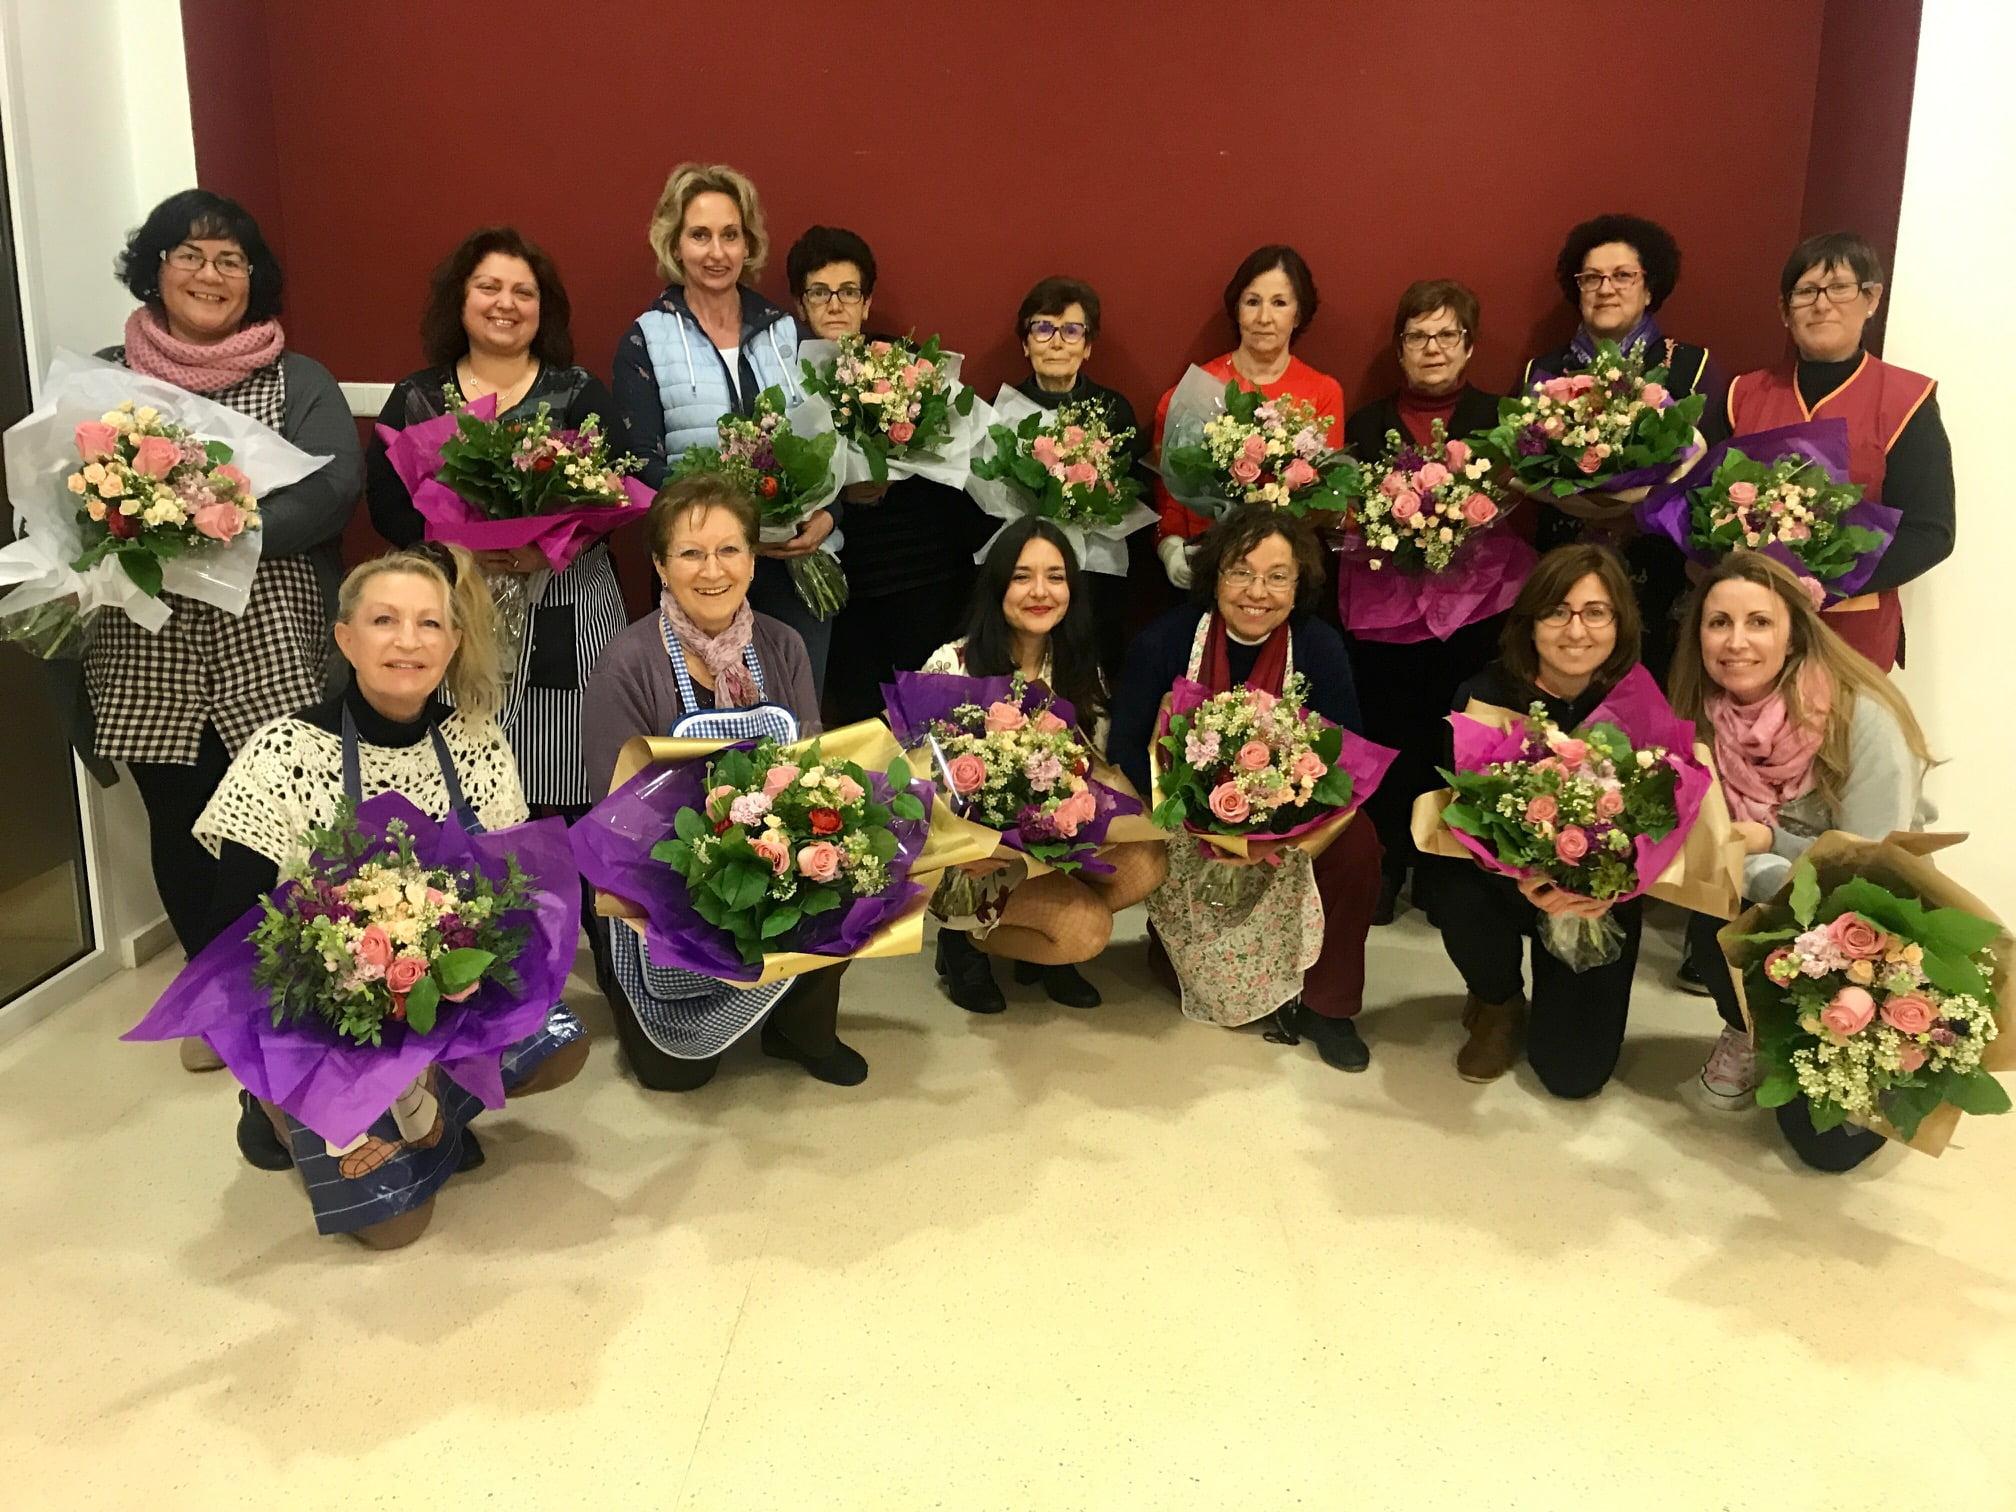 Taller de arte floral en Benitatxell